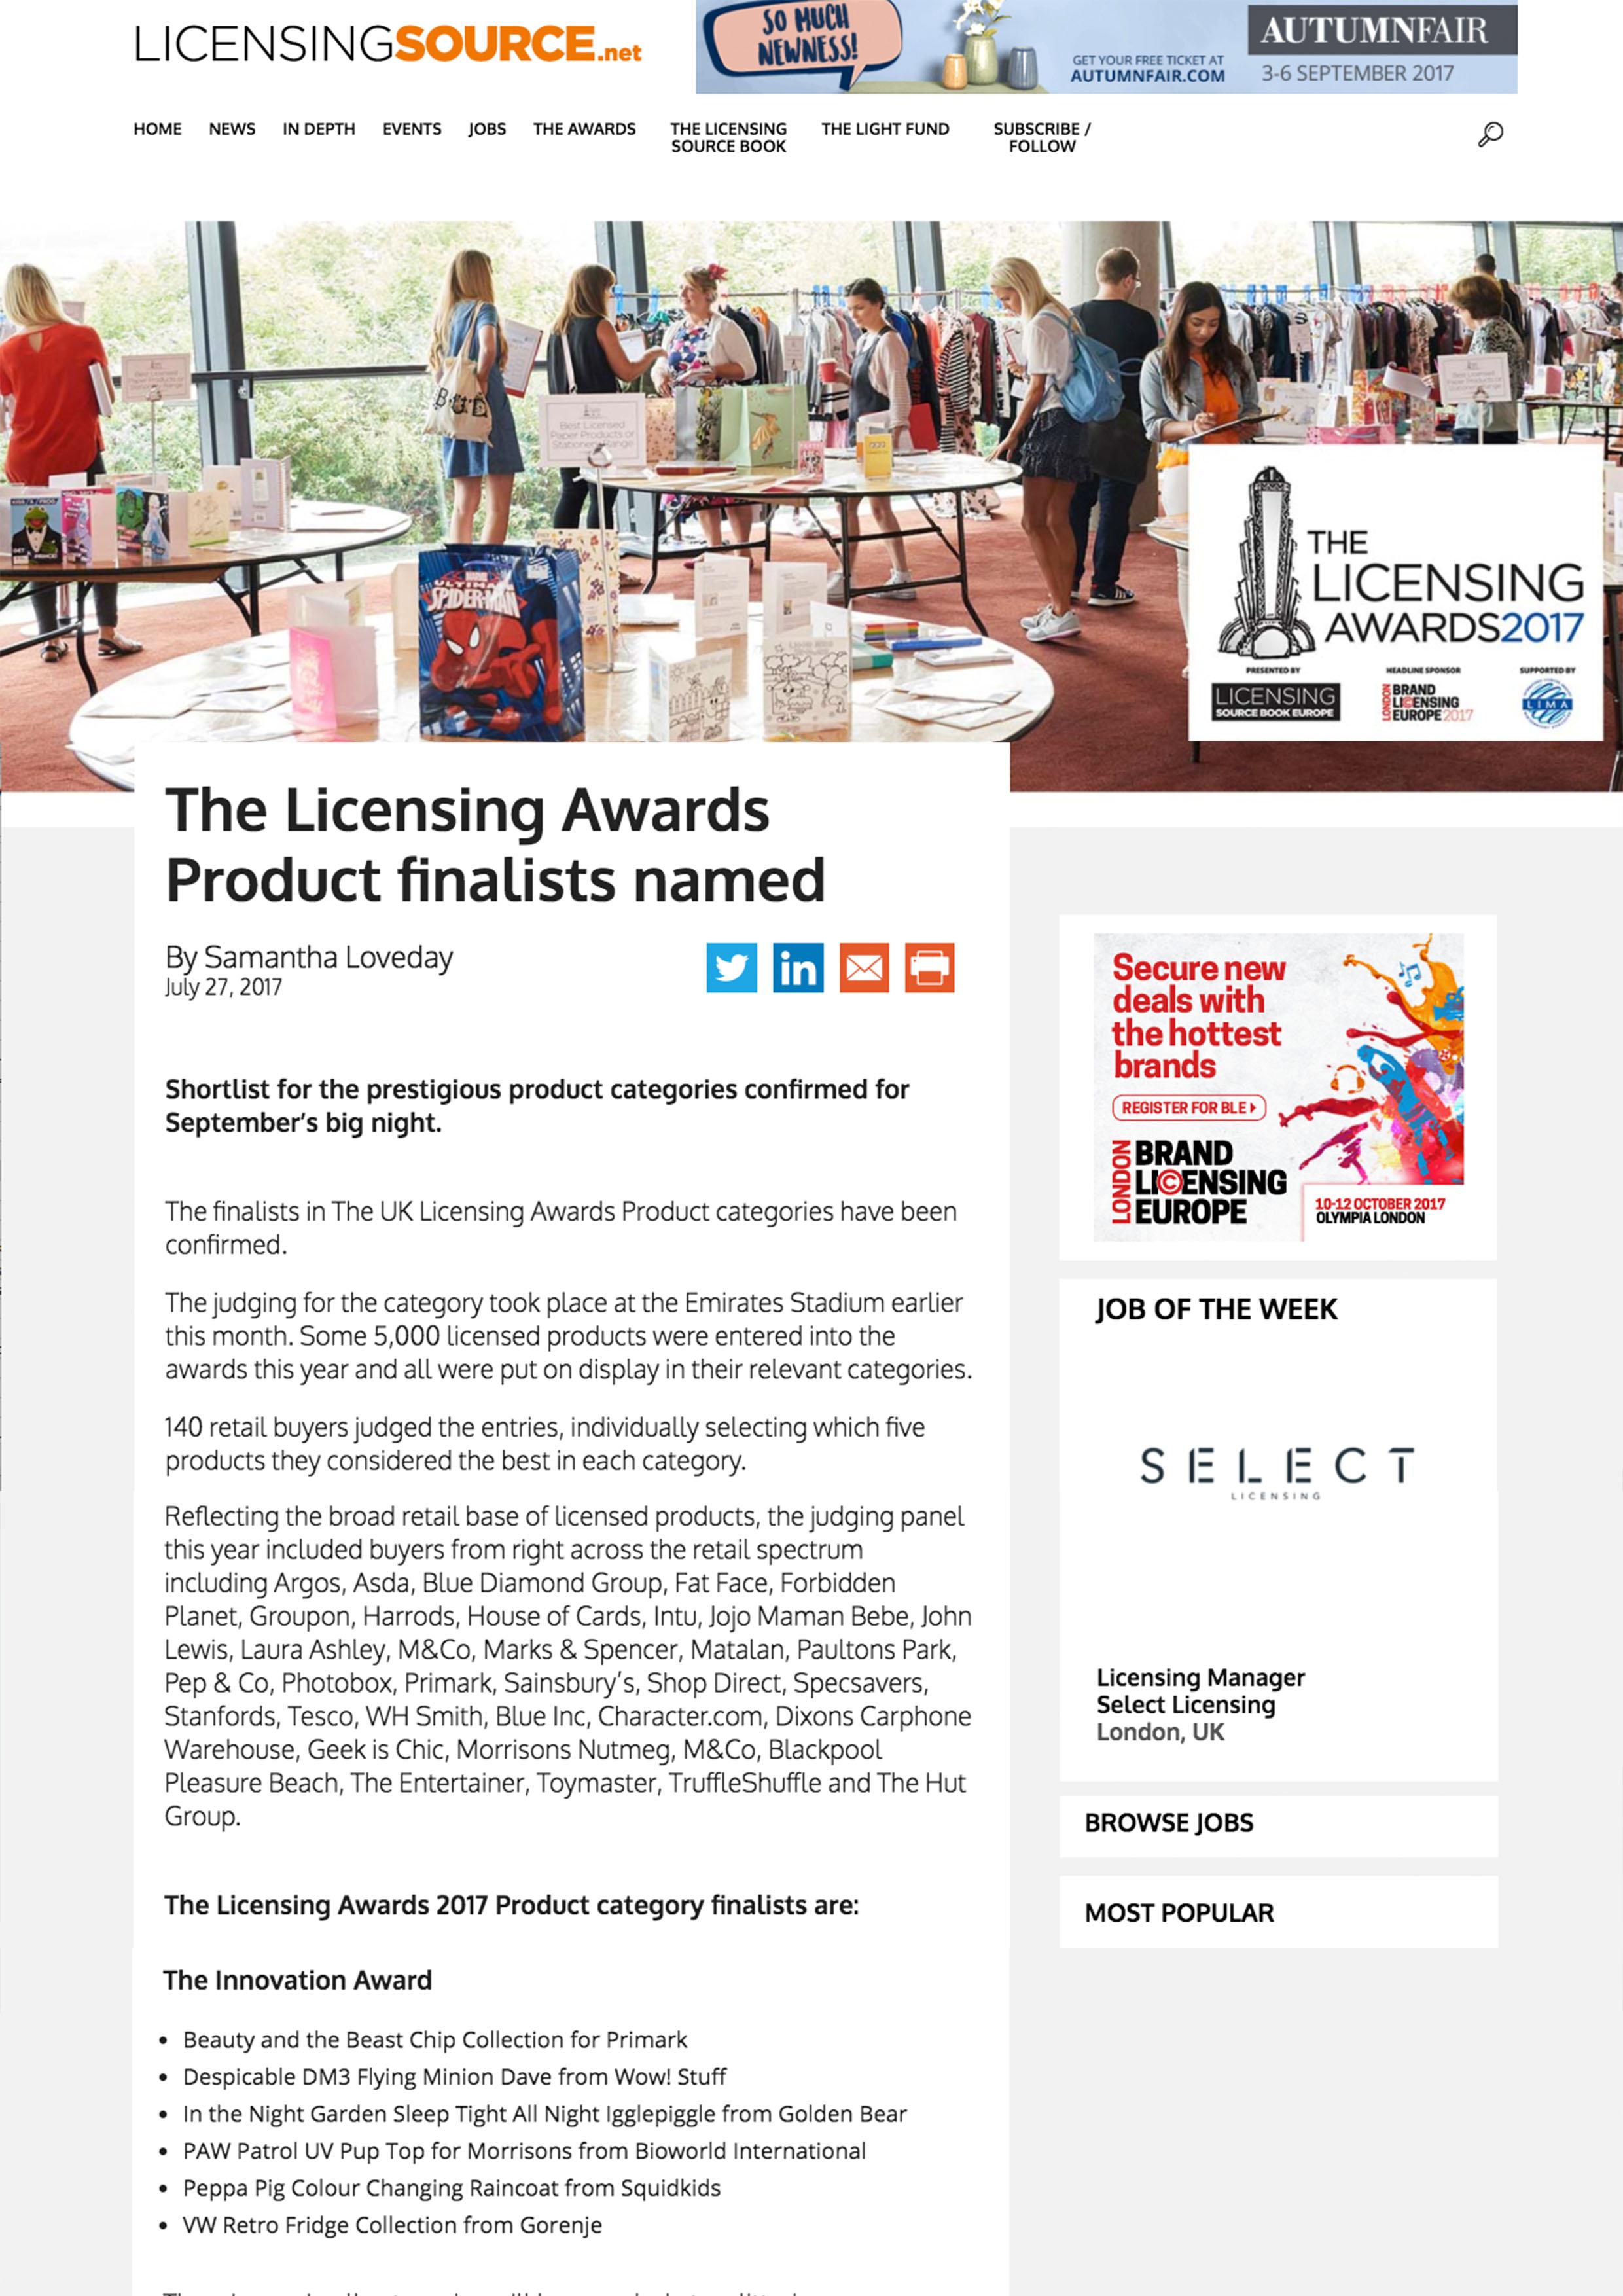 August 2017 UK Licensing Award